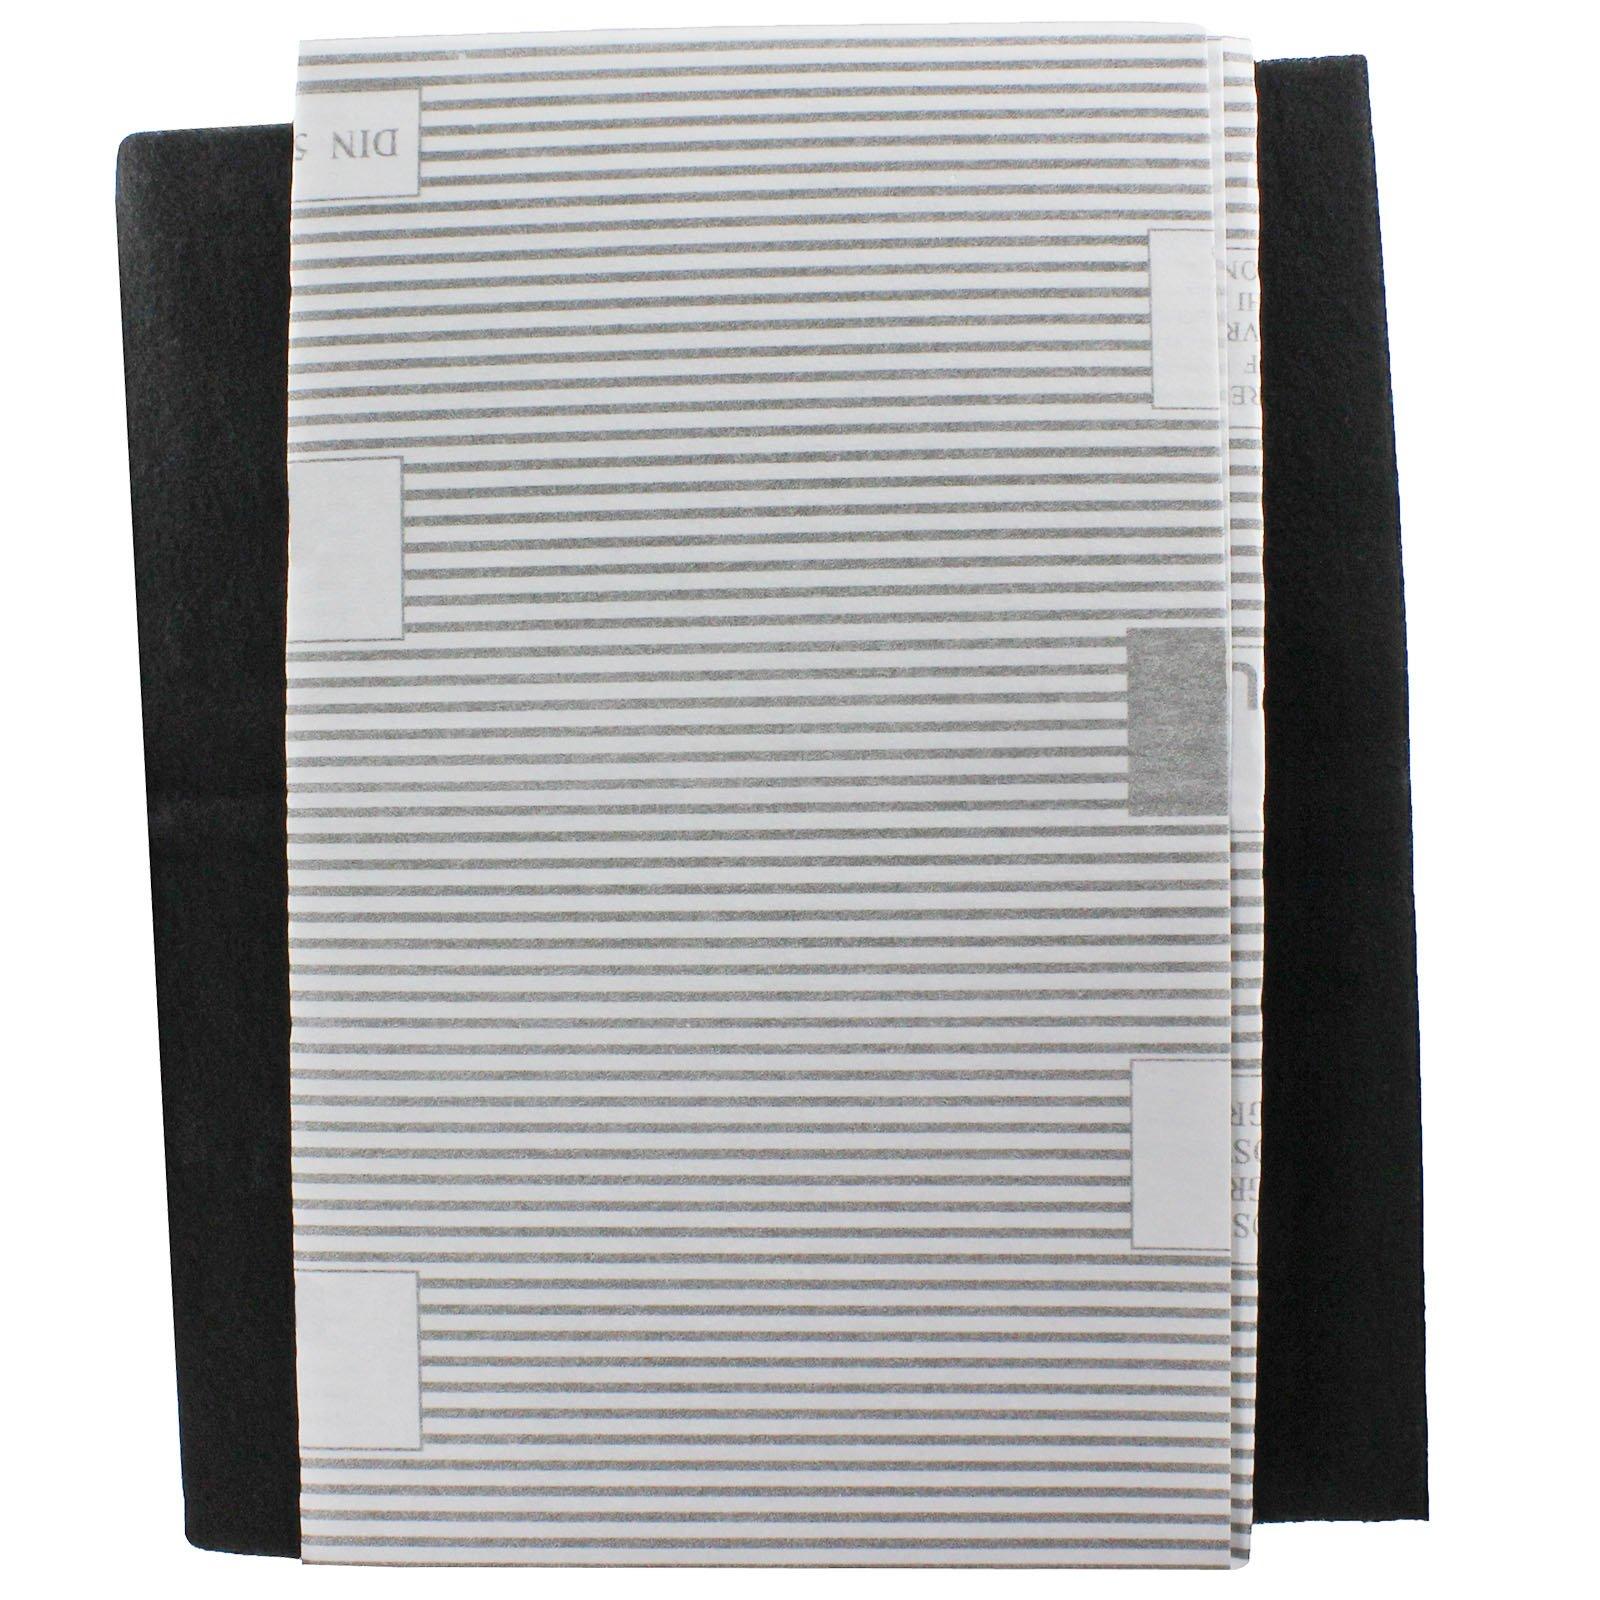 SPARES2GO-Filtri per cappa da cucina grande per aspiratori Turboair Vent (2 x filtro, tagliati in f